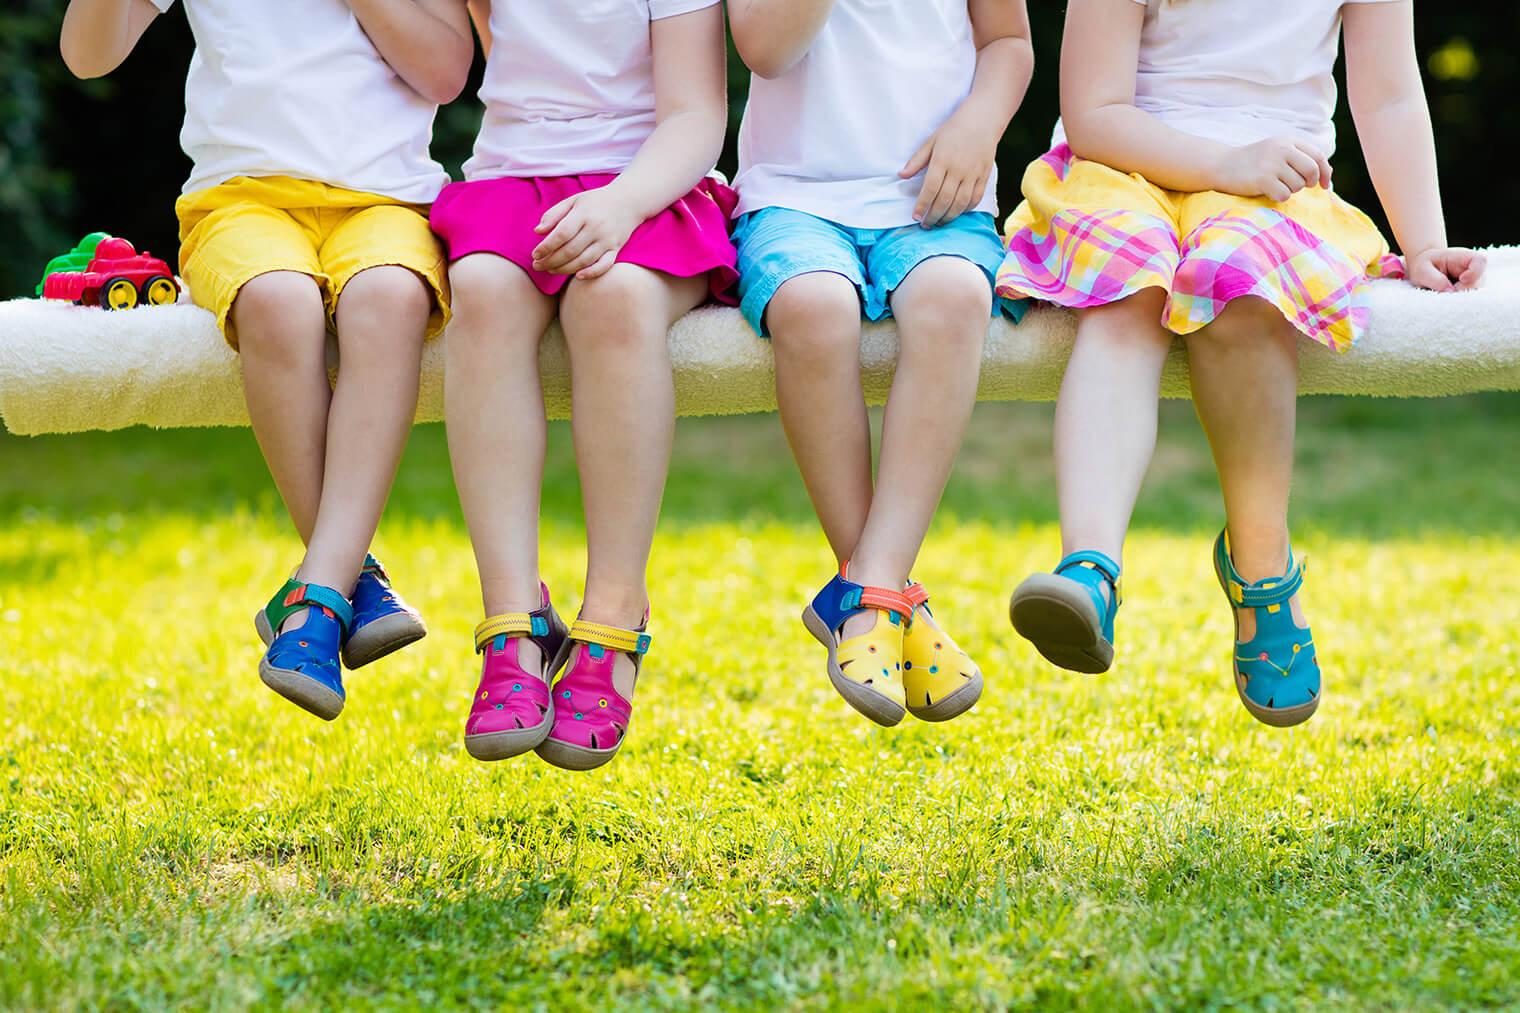 サイズアウトした子ども靴を保管収納しておきたい!保管収納方法